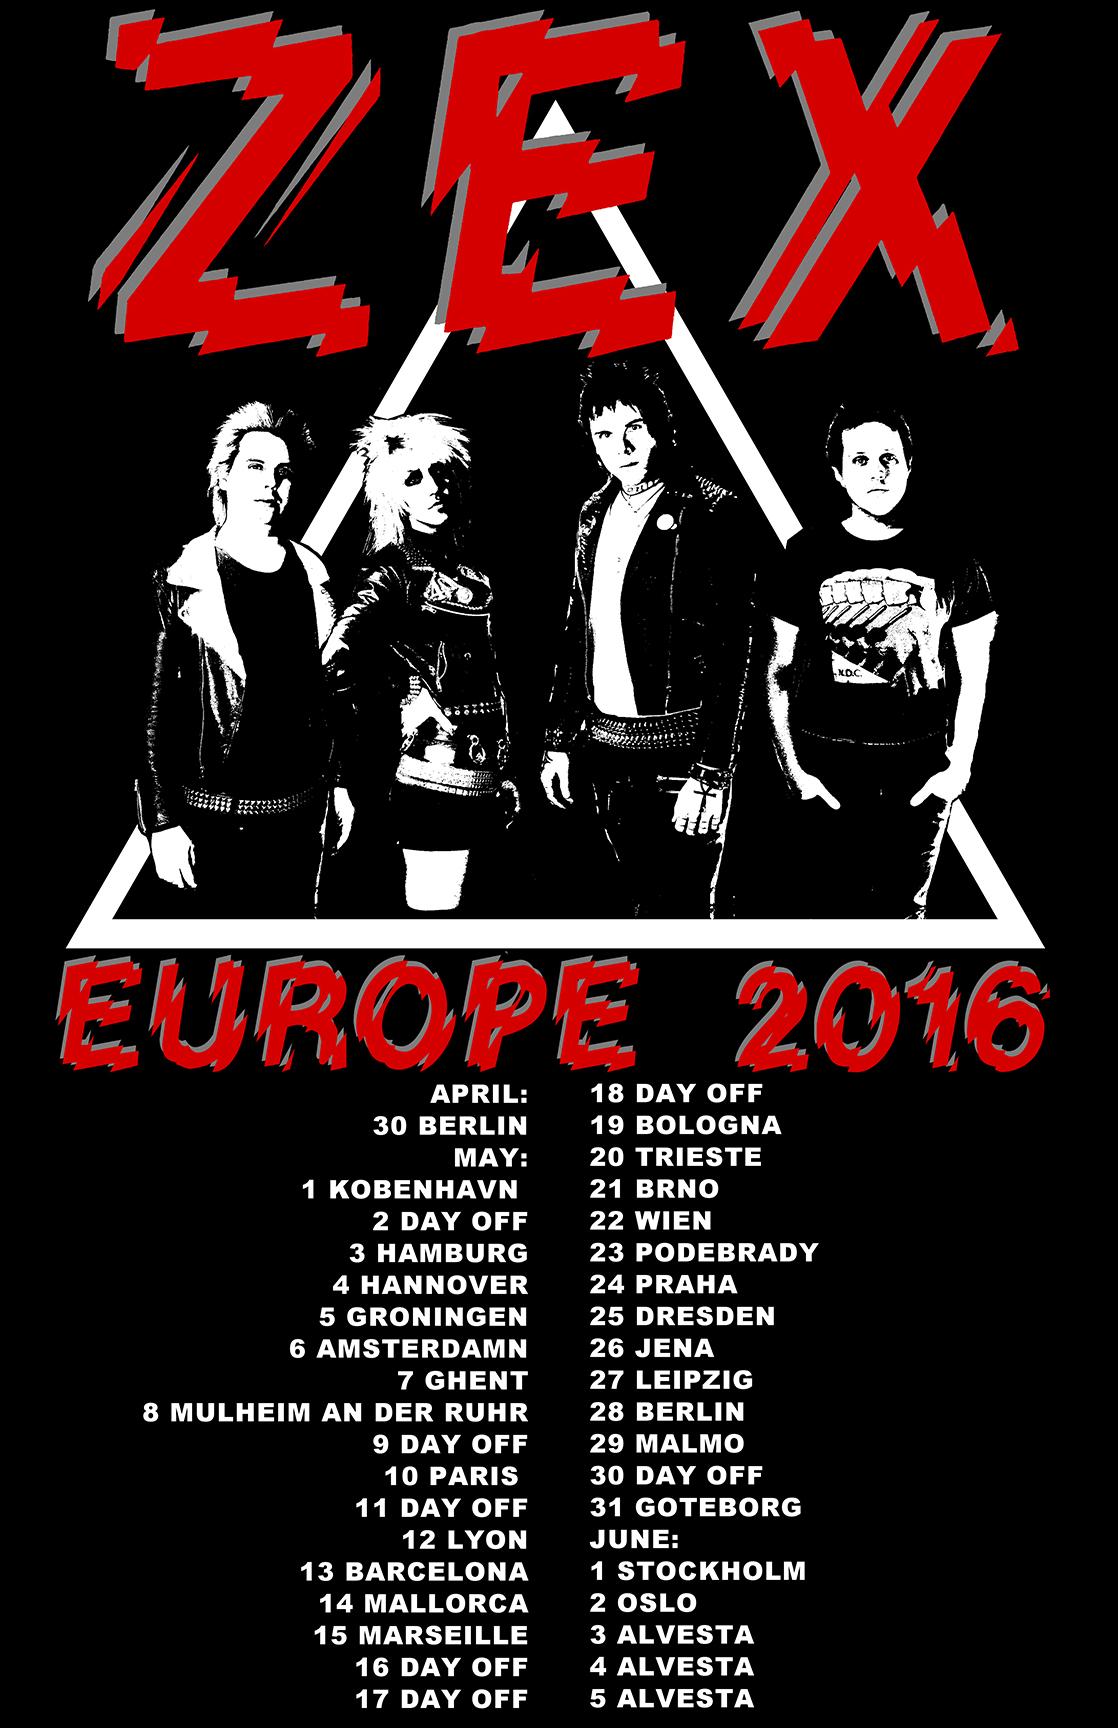 ZEX flyer-euro-tour2016 flyer